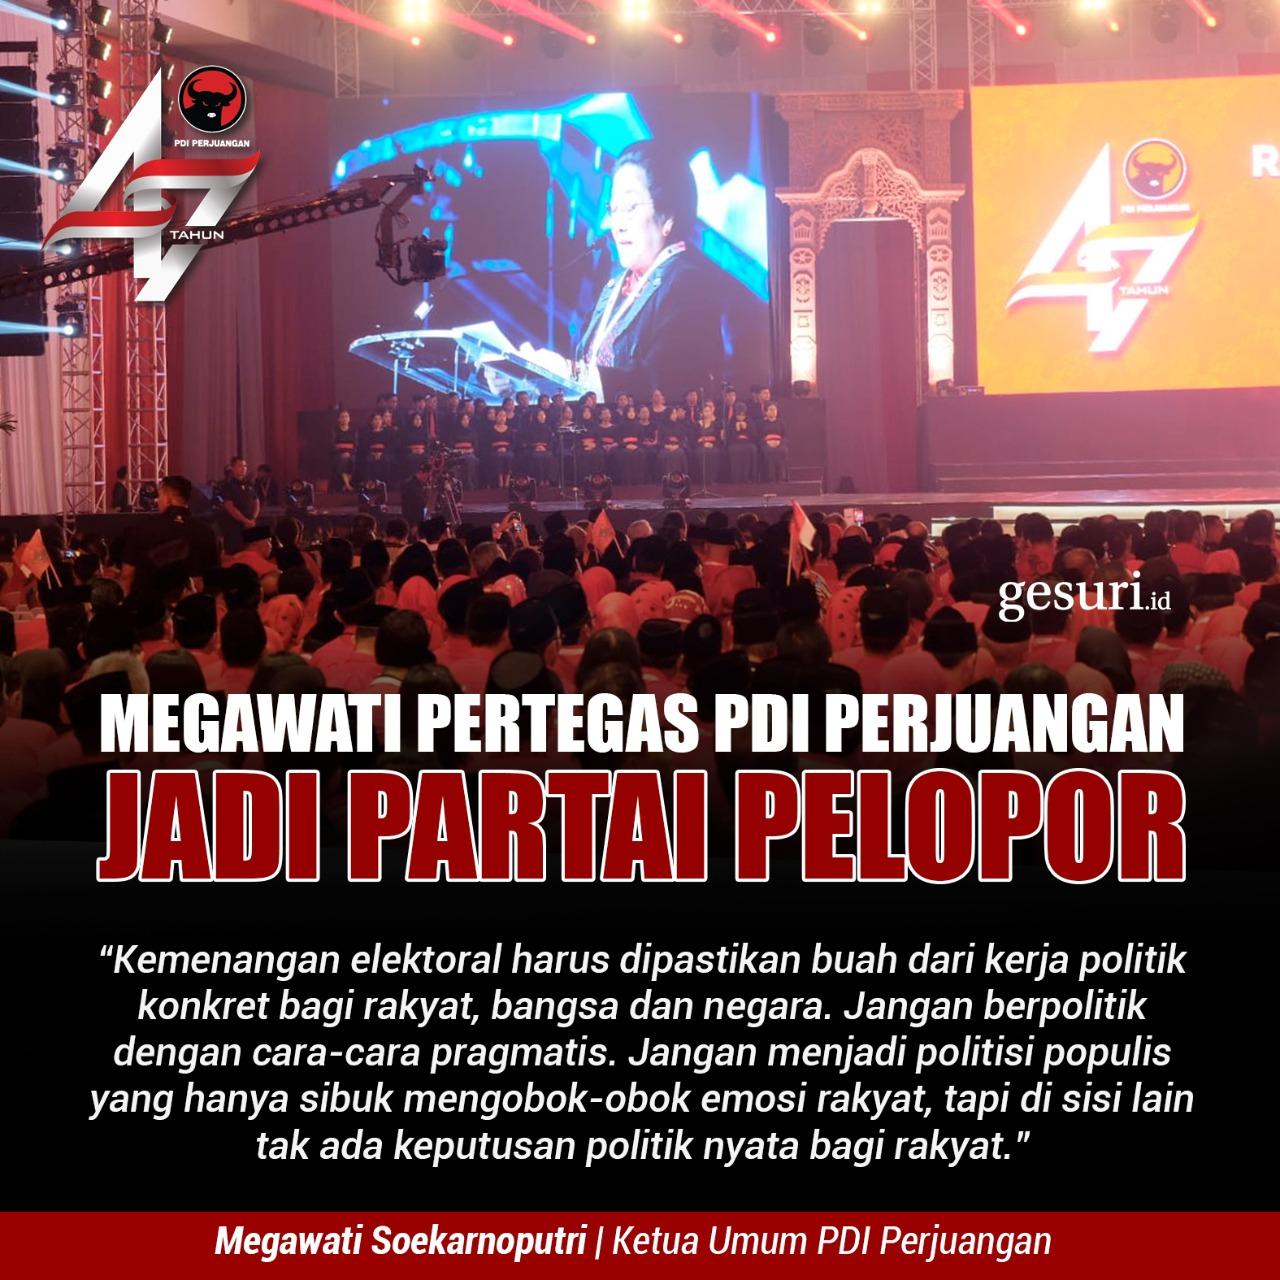 Megawati Pertegas PDI Perjuangan Jadi Partai Pelopor